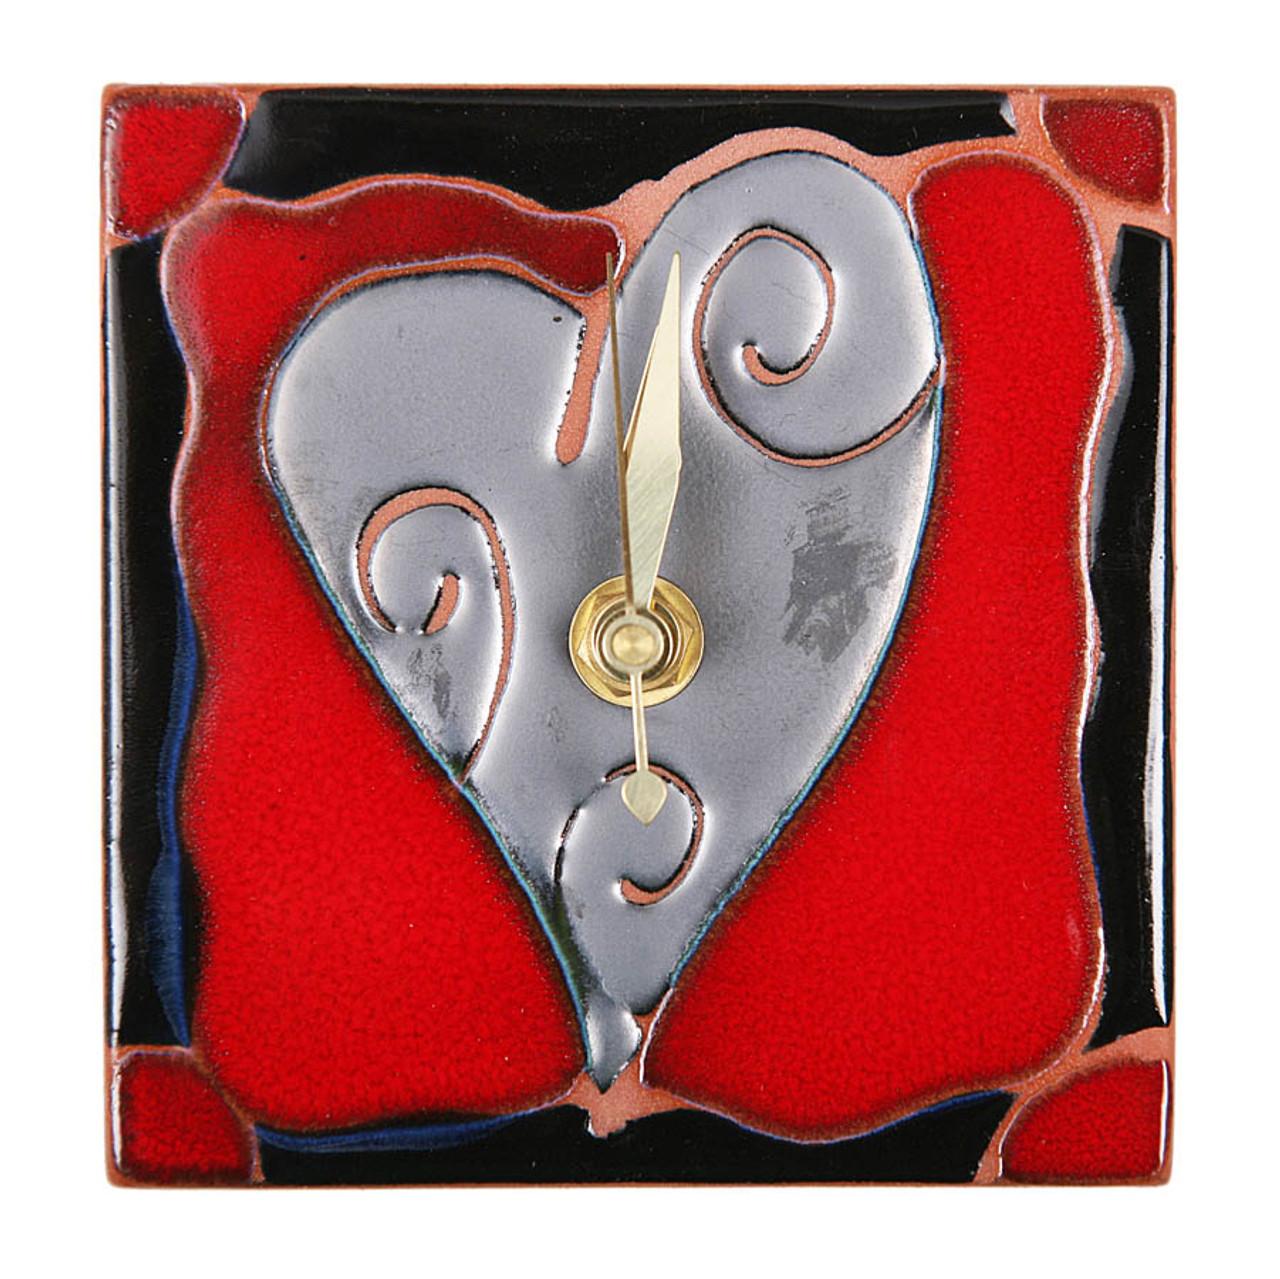 Heart Swirl Desk Clock